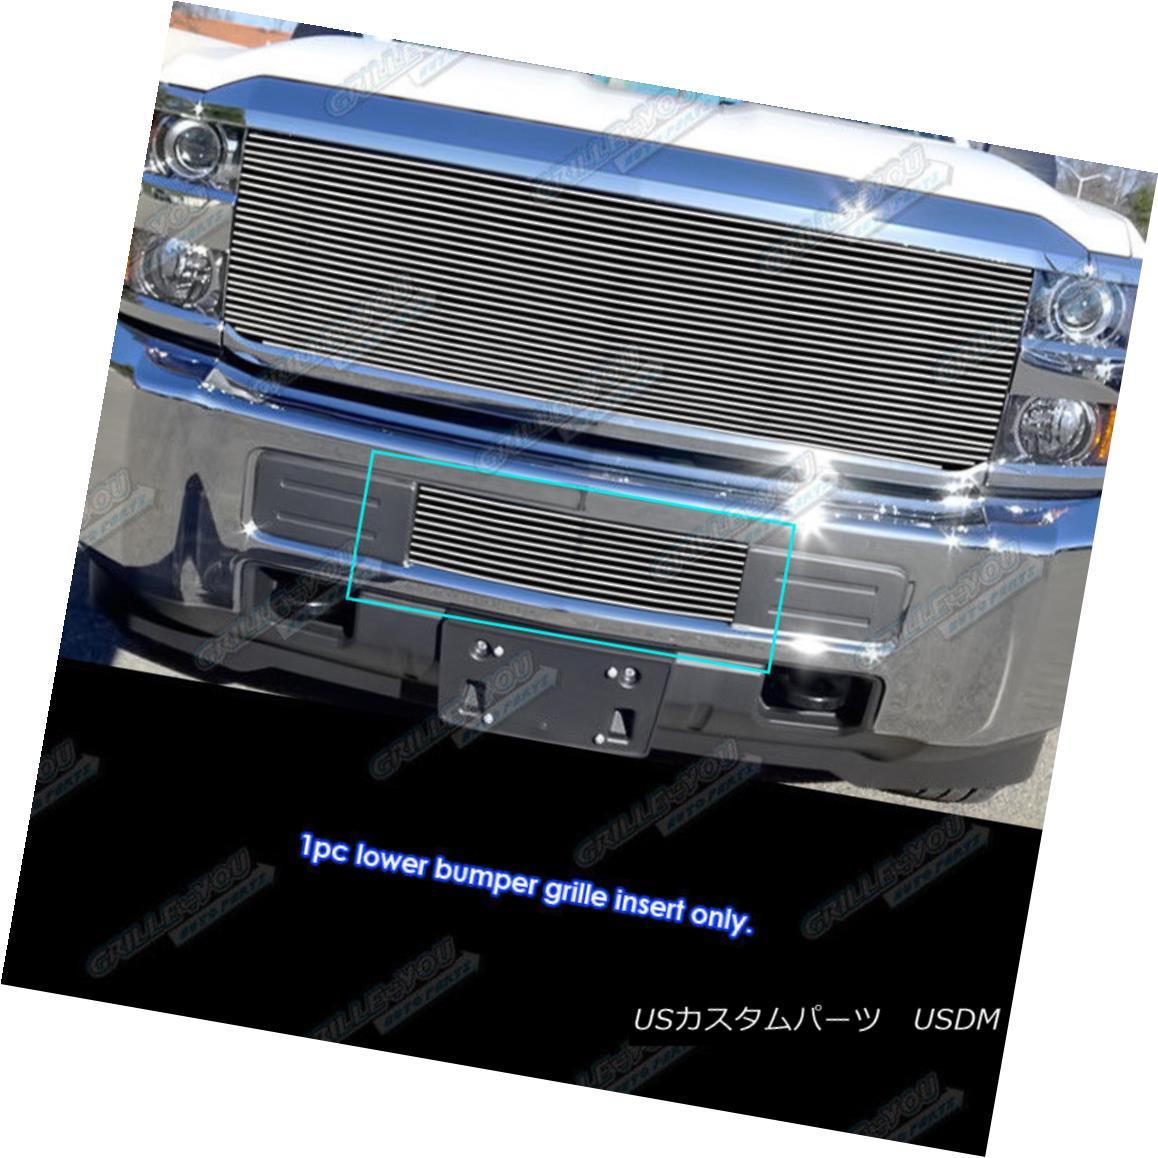 グリル Fits 2015-2017 Chevy 2500HD/ 3500HD Bumper Billet Grille Insert フィット2015-2017 Chevy 2500HD / 3500HDバンパービレットグリルインサート